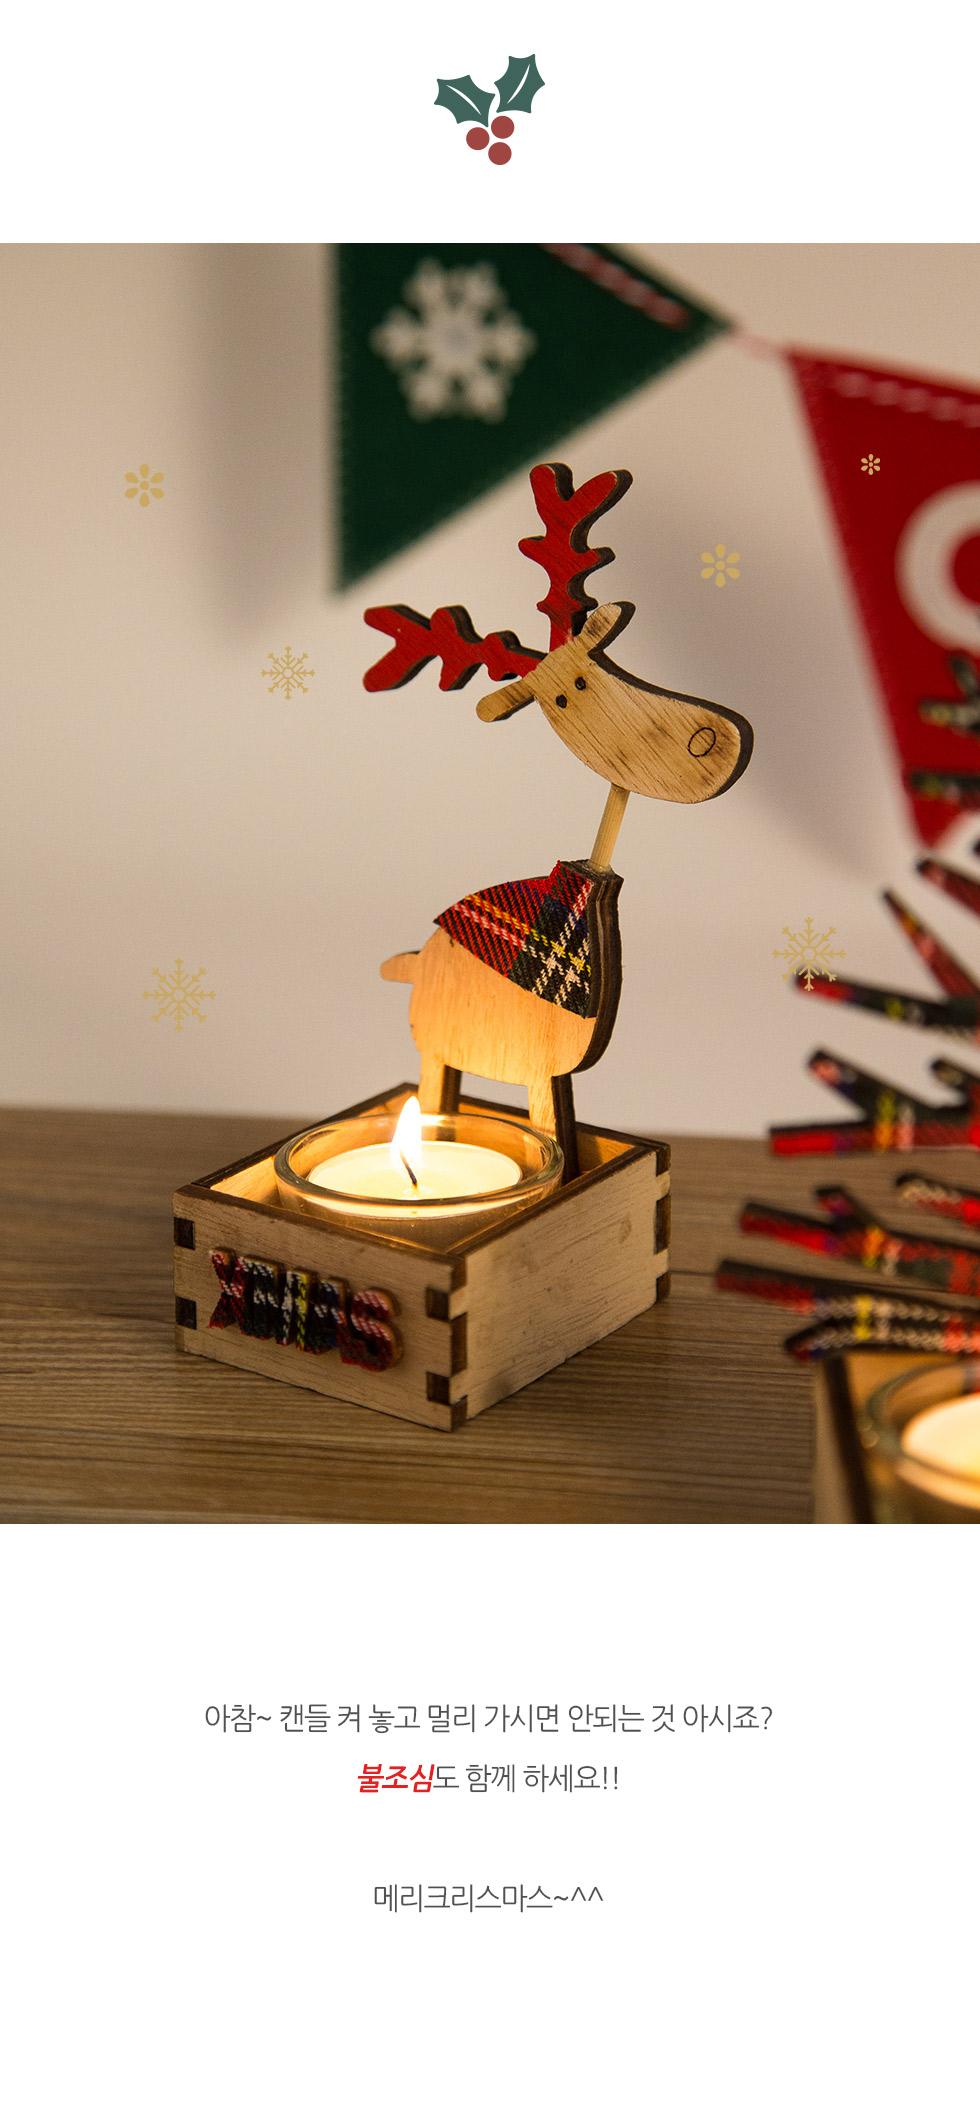 메리크리스마스 우드 캔들홀더 - 성탄의 기쁨을 함께 나눠요! 메리크리스마스